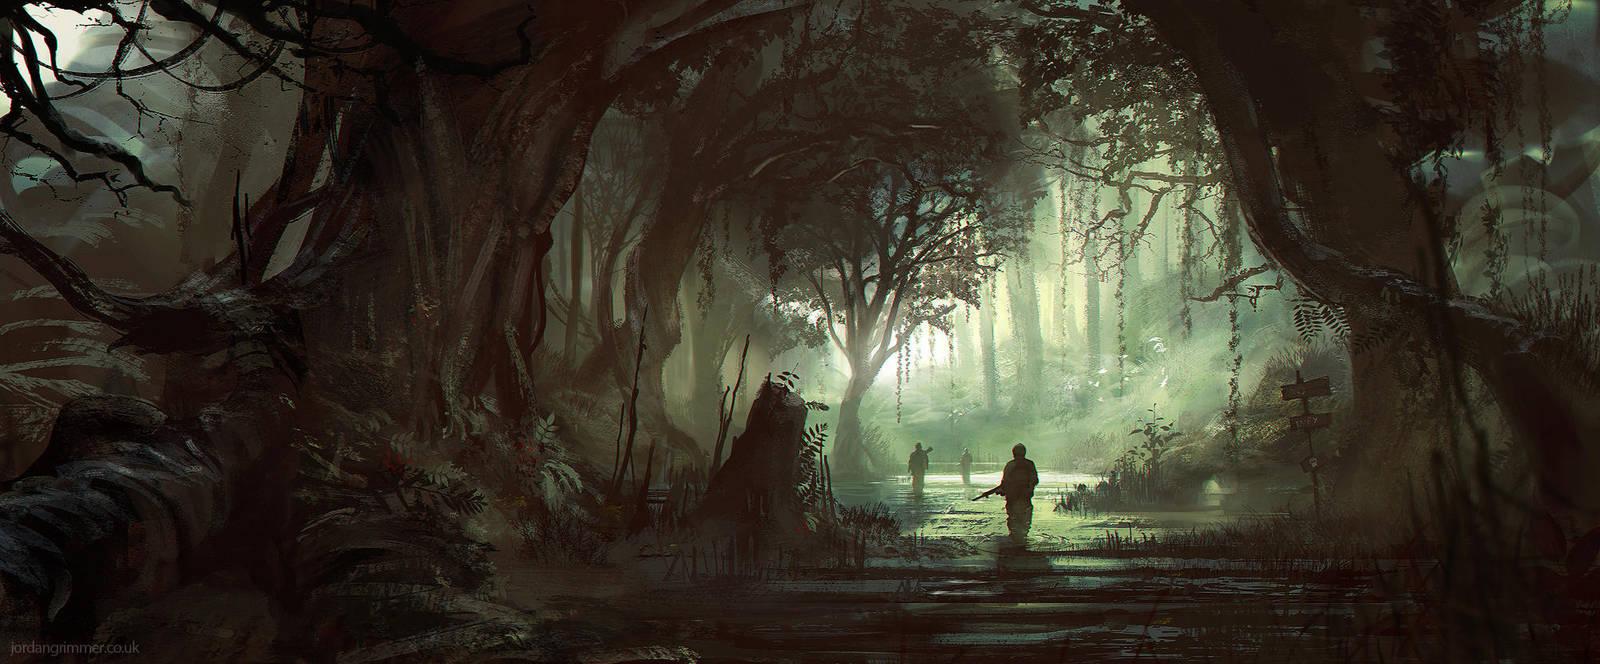 Swamp Stalkers by jordangrimmer